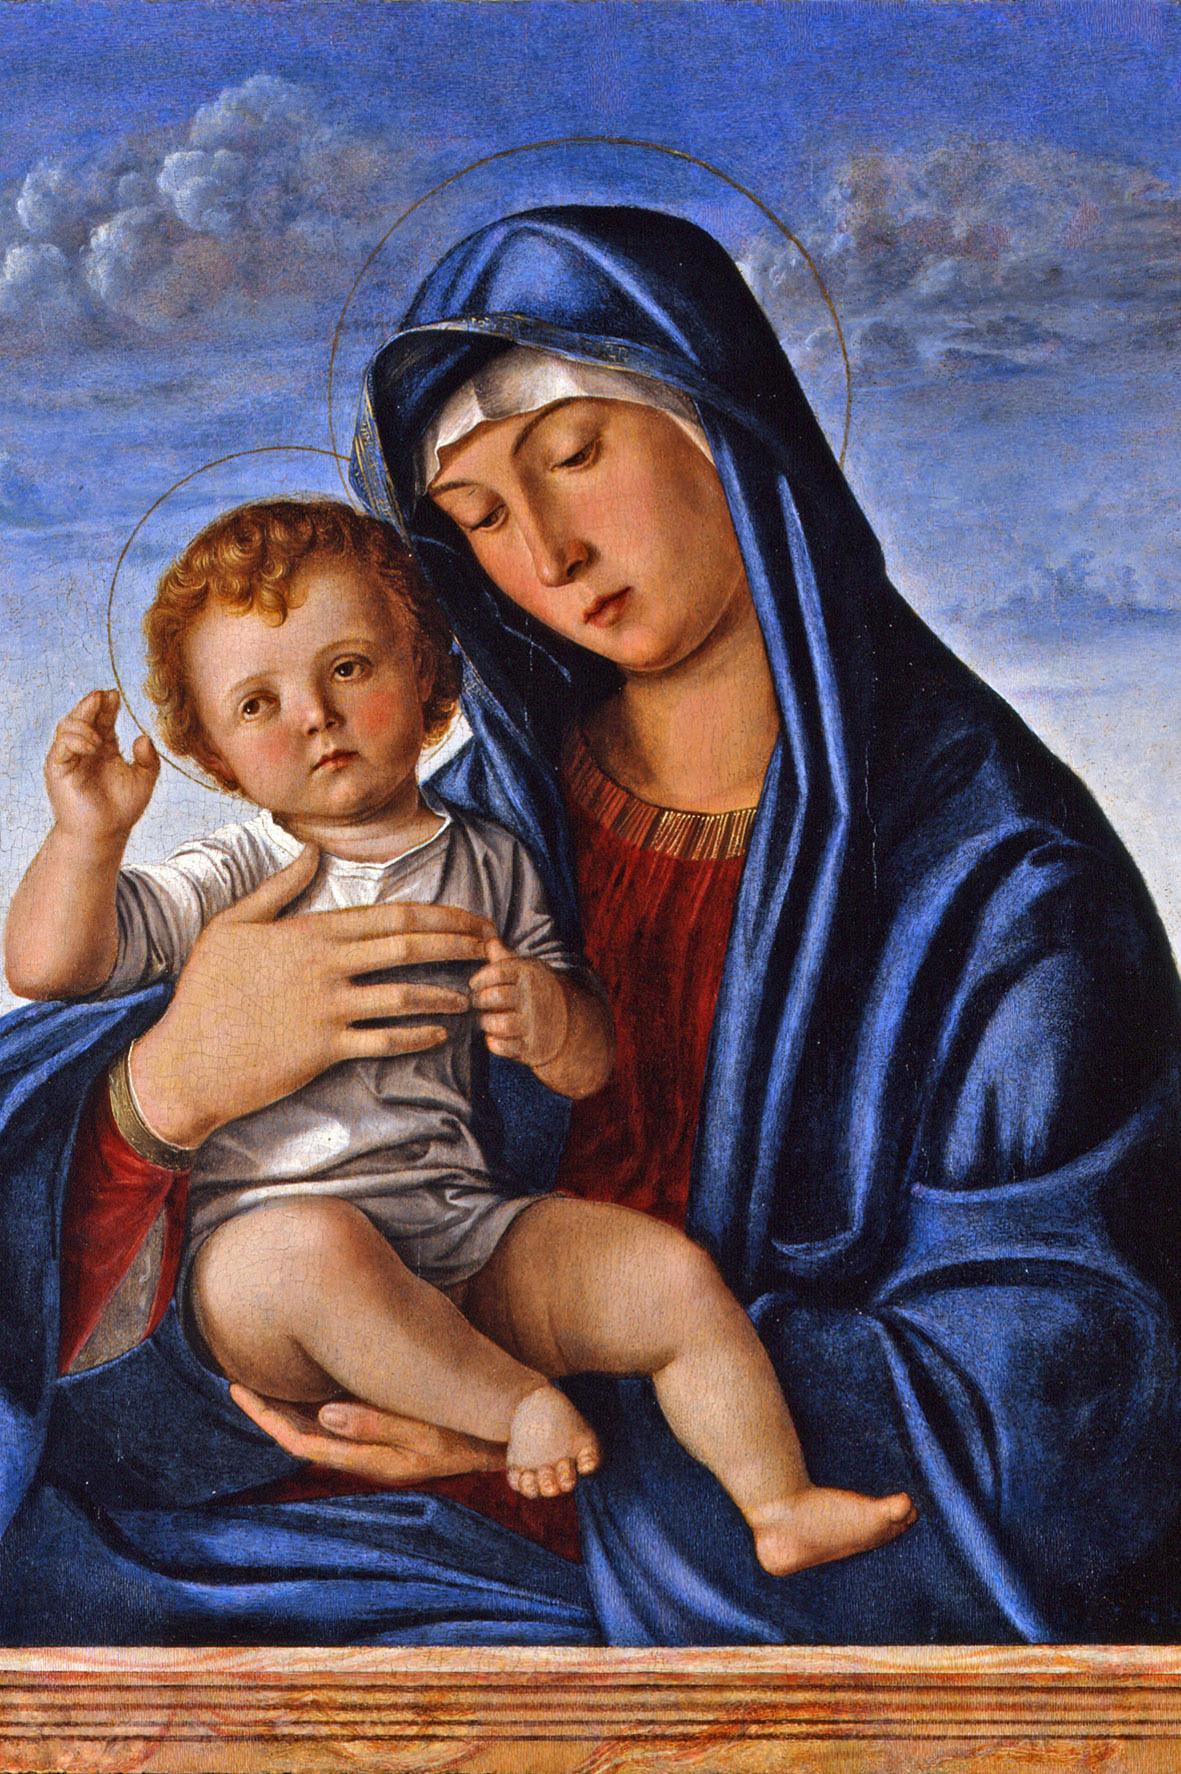 Giovanni Bellini, Madonna con Bambino benedicente, 1470 - 1490 circa, tempera su tavola, cm 64.5 × 50.5. Treviso, Musei Civici di Treviso